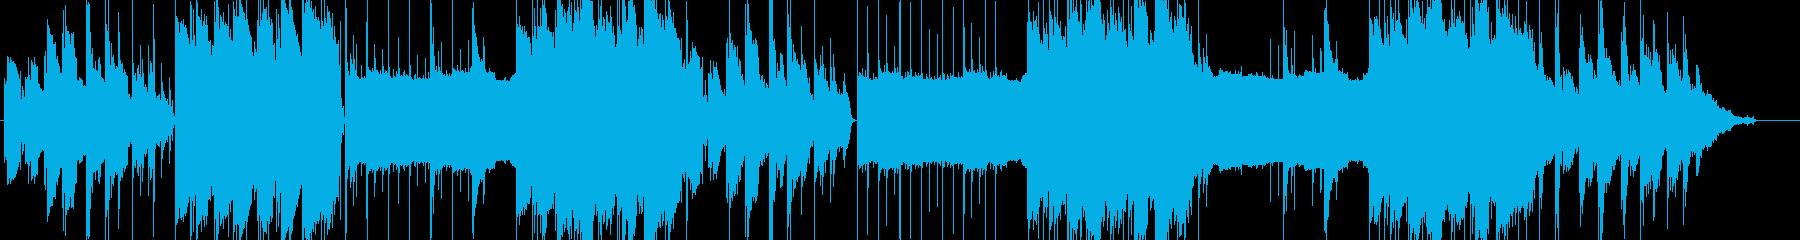 lofi風さわやかなピアノBGM2の再生済みの波形